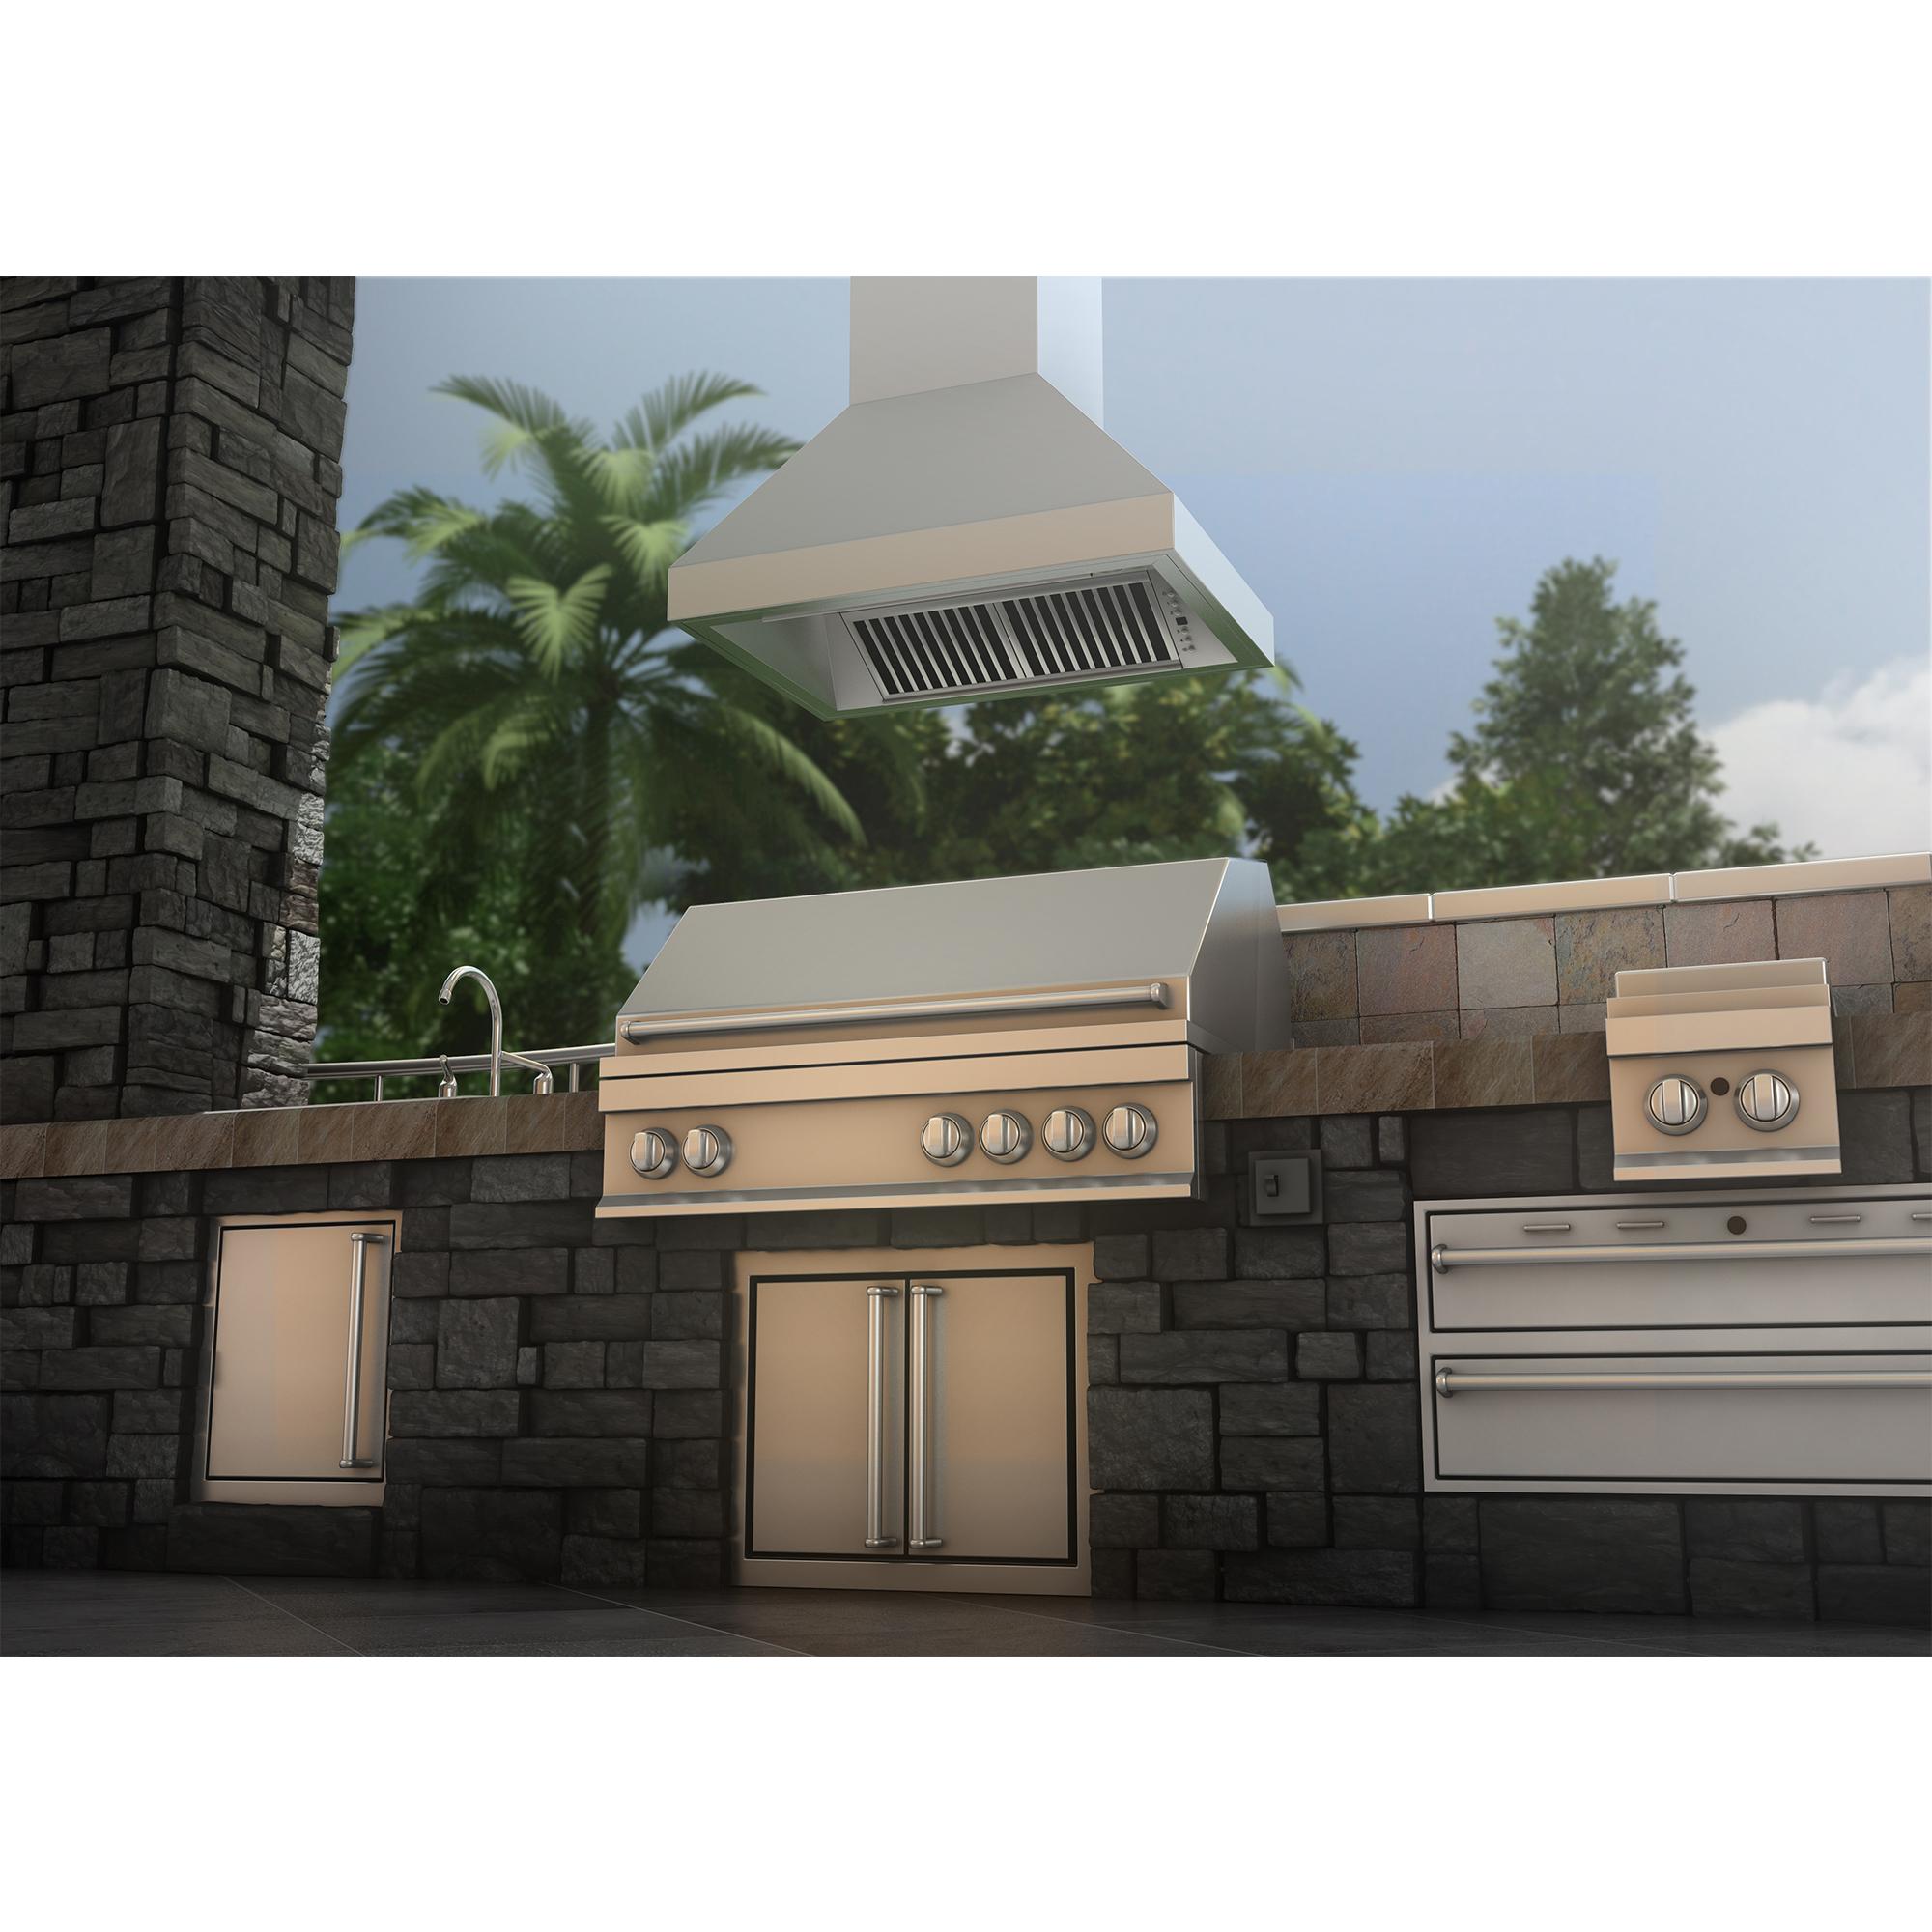 zline-stainless-steel-island-range-hood-597i-kitchen-outdoor-3.jpg